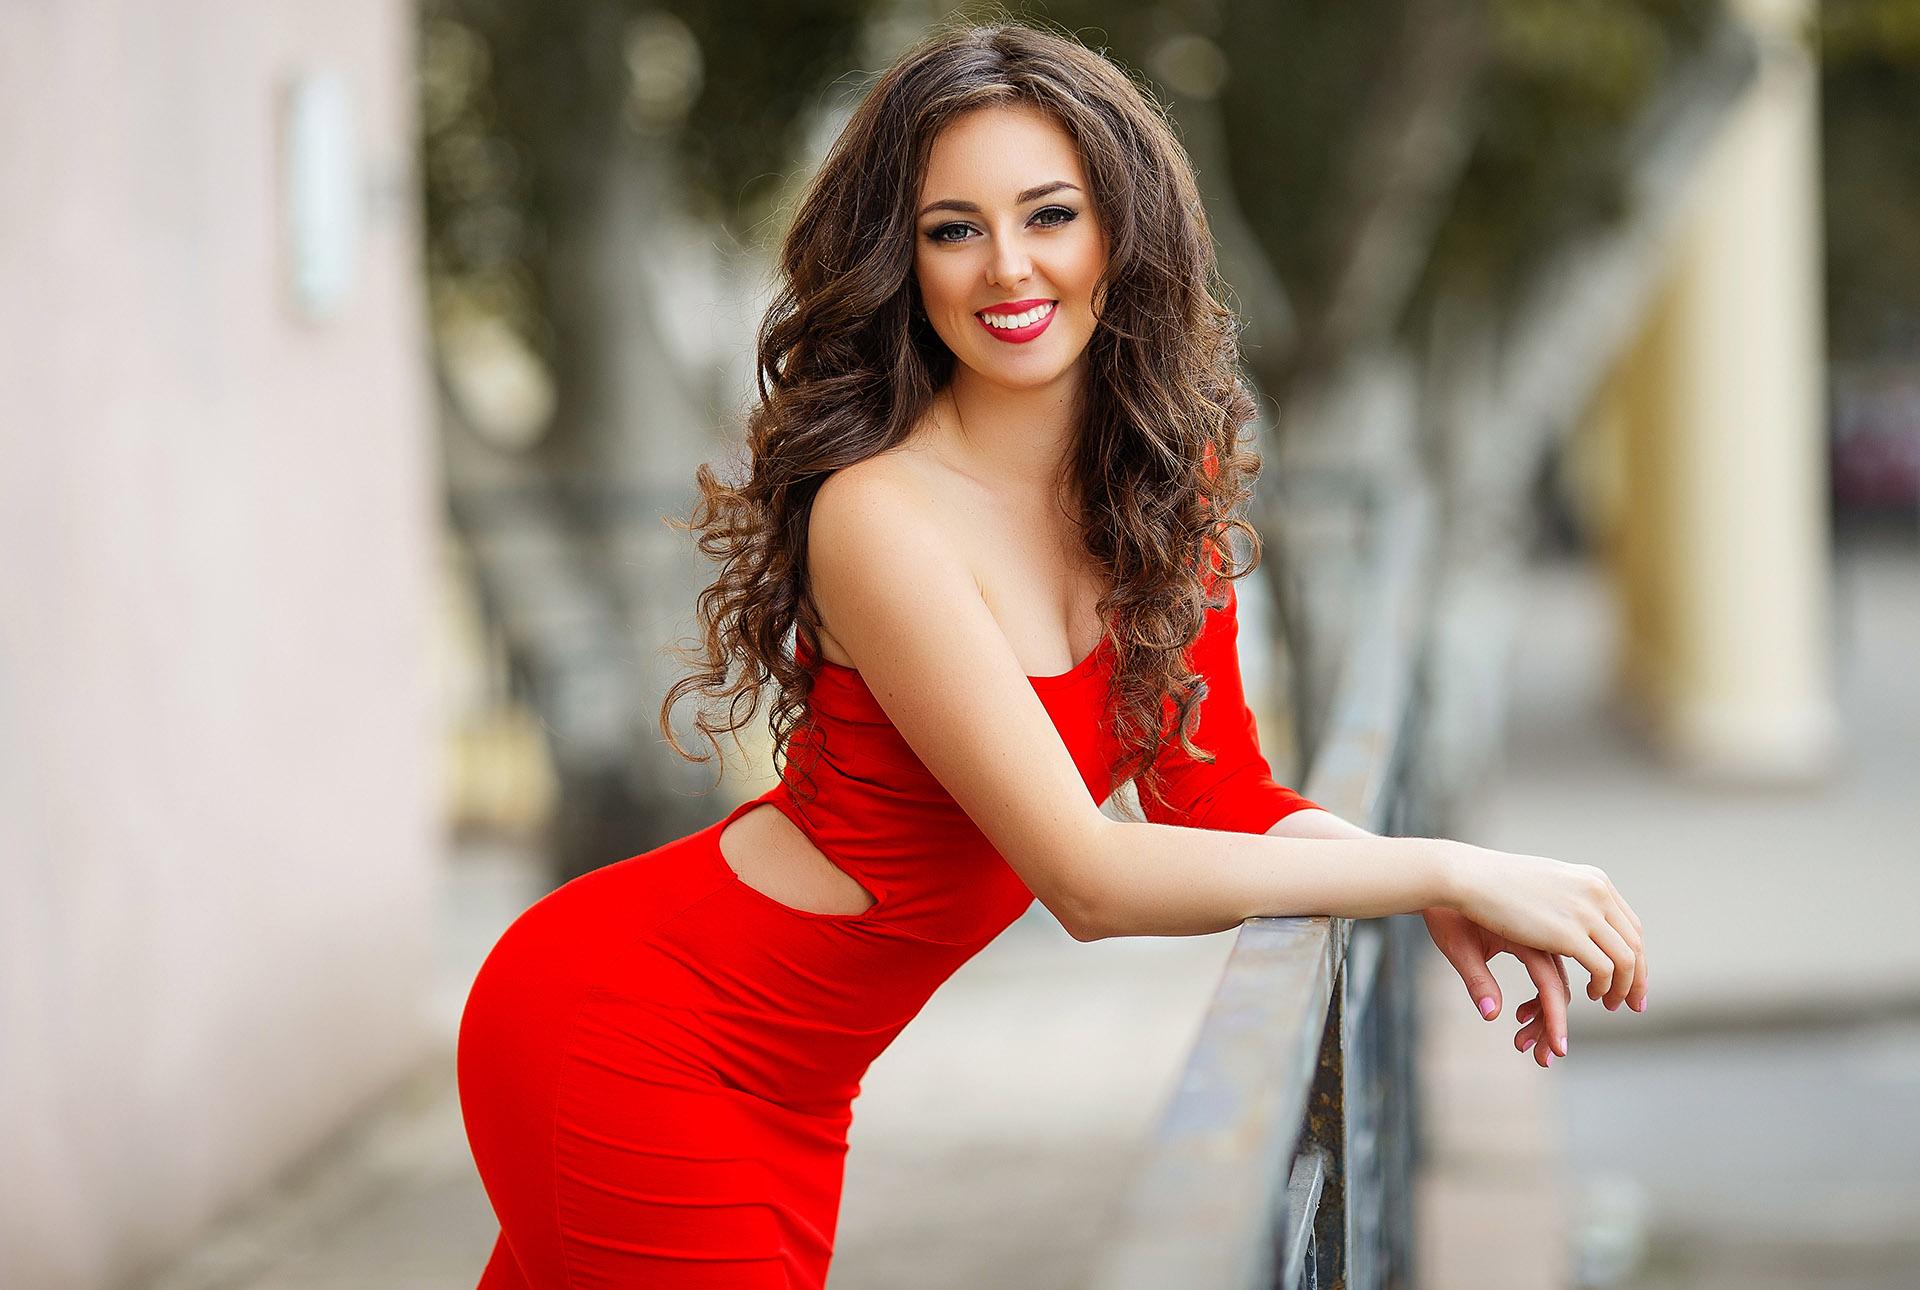 Alina, Ukraine bride for romantic